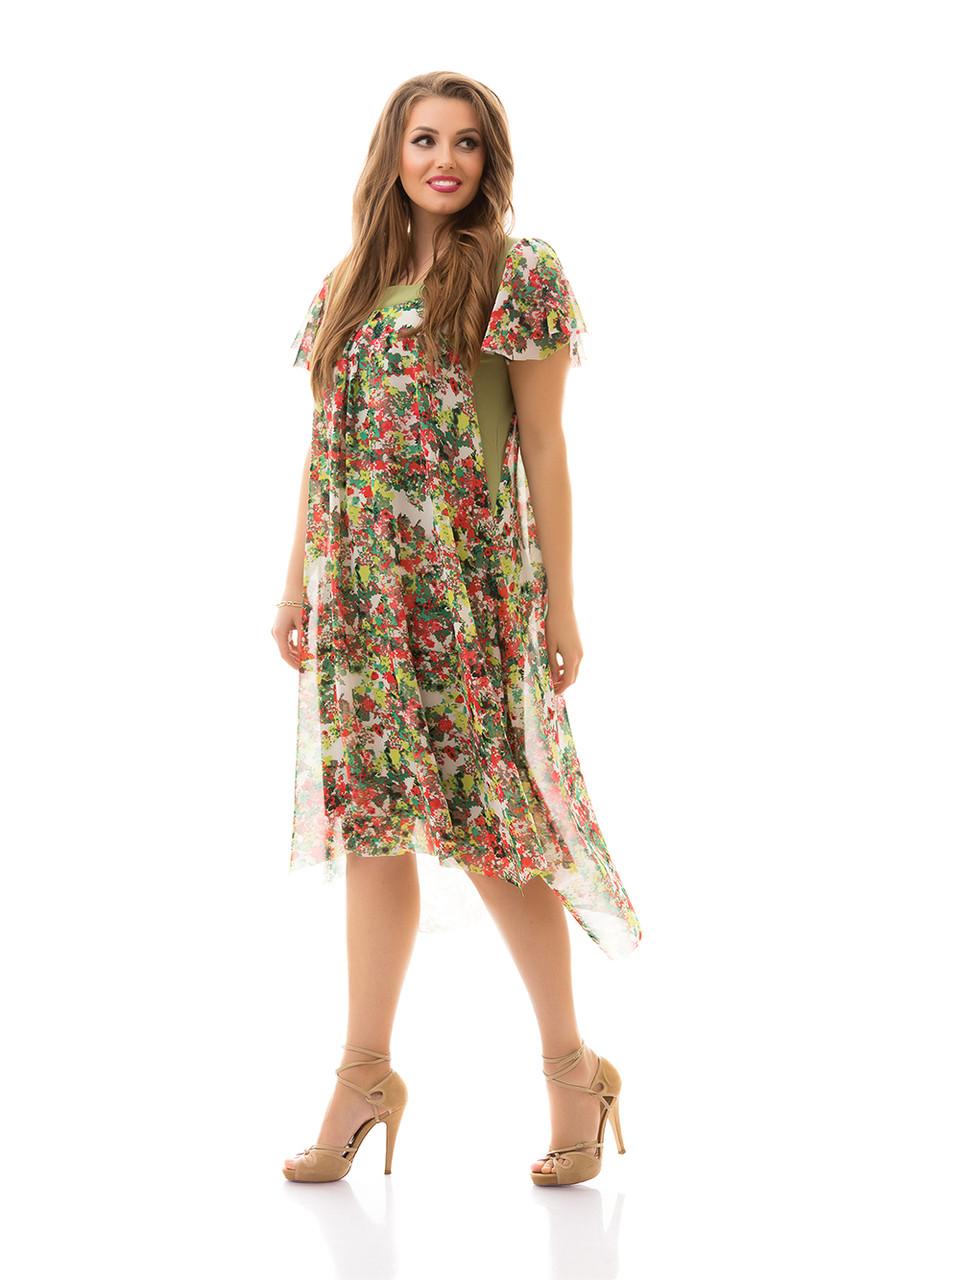 8b9d93059a9 Легкое шифоновое платье Индивидуальный пошив   продажа